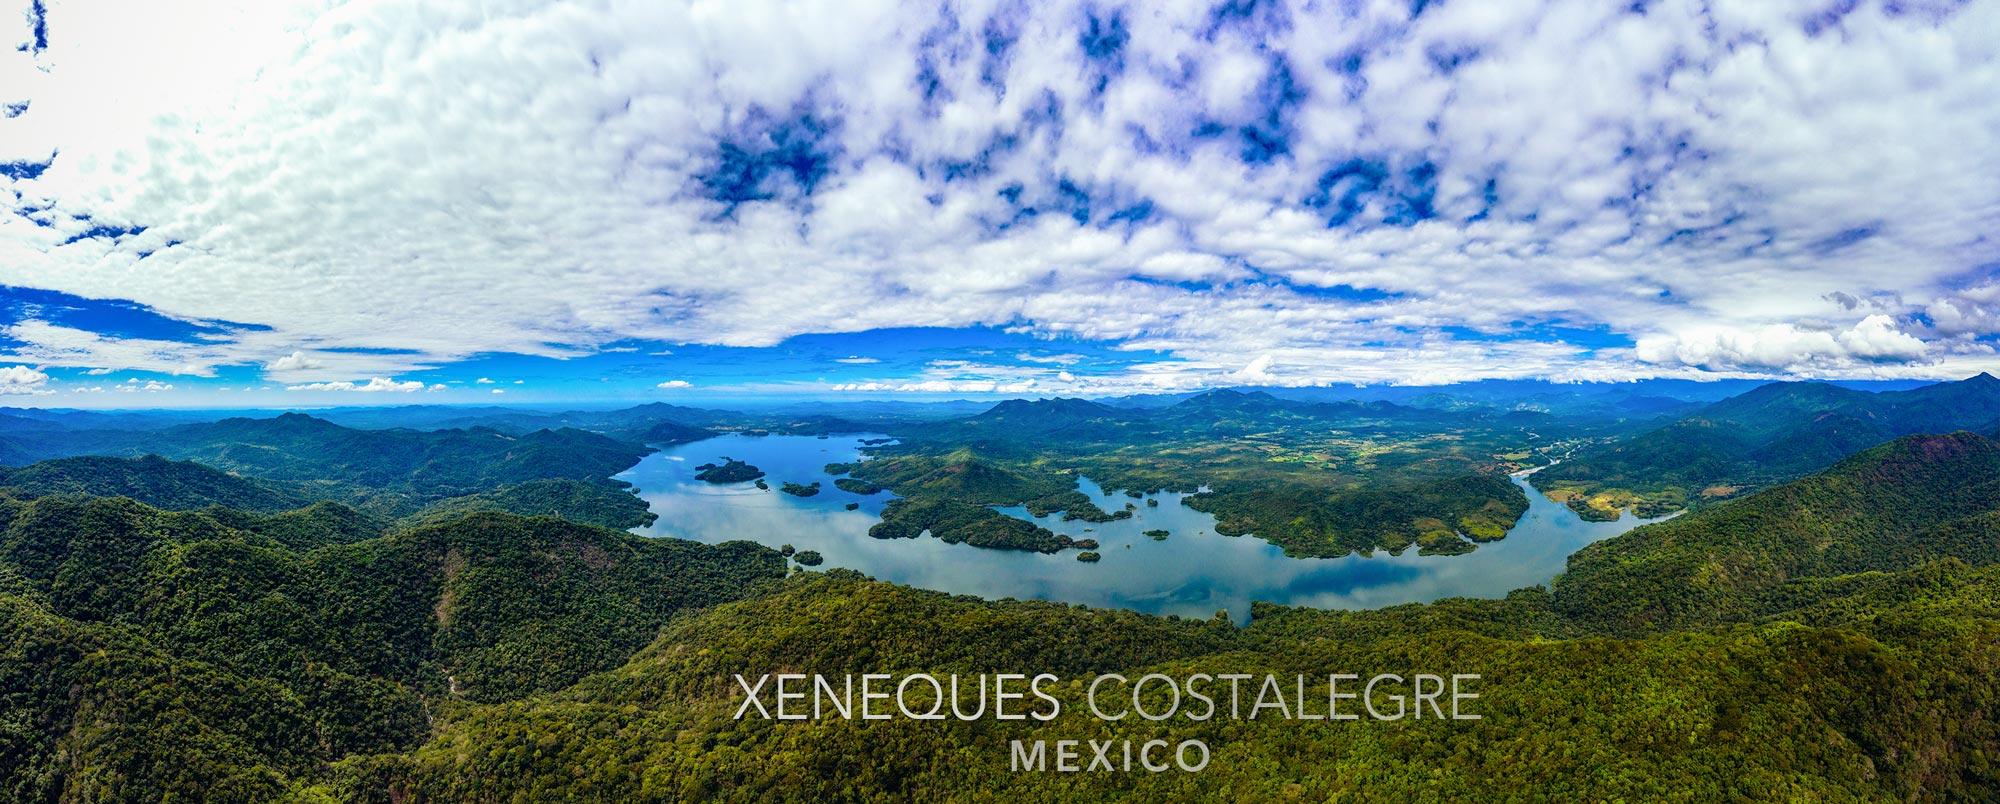 Xeneques - Costalegre - Jalisco, Mexico